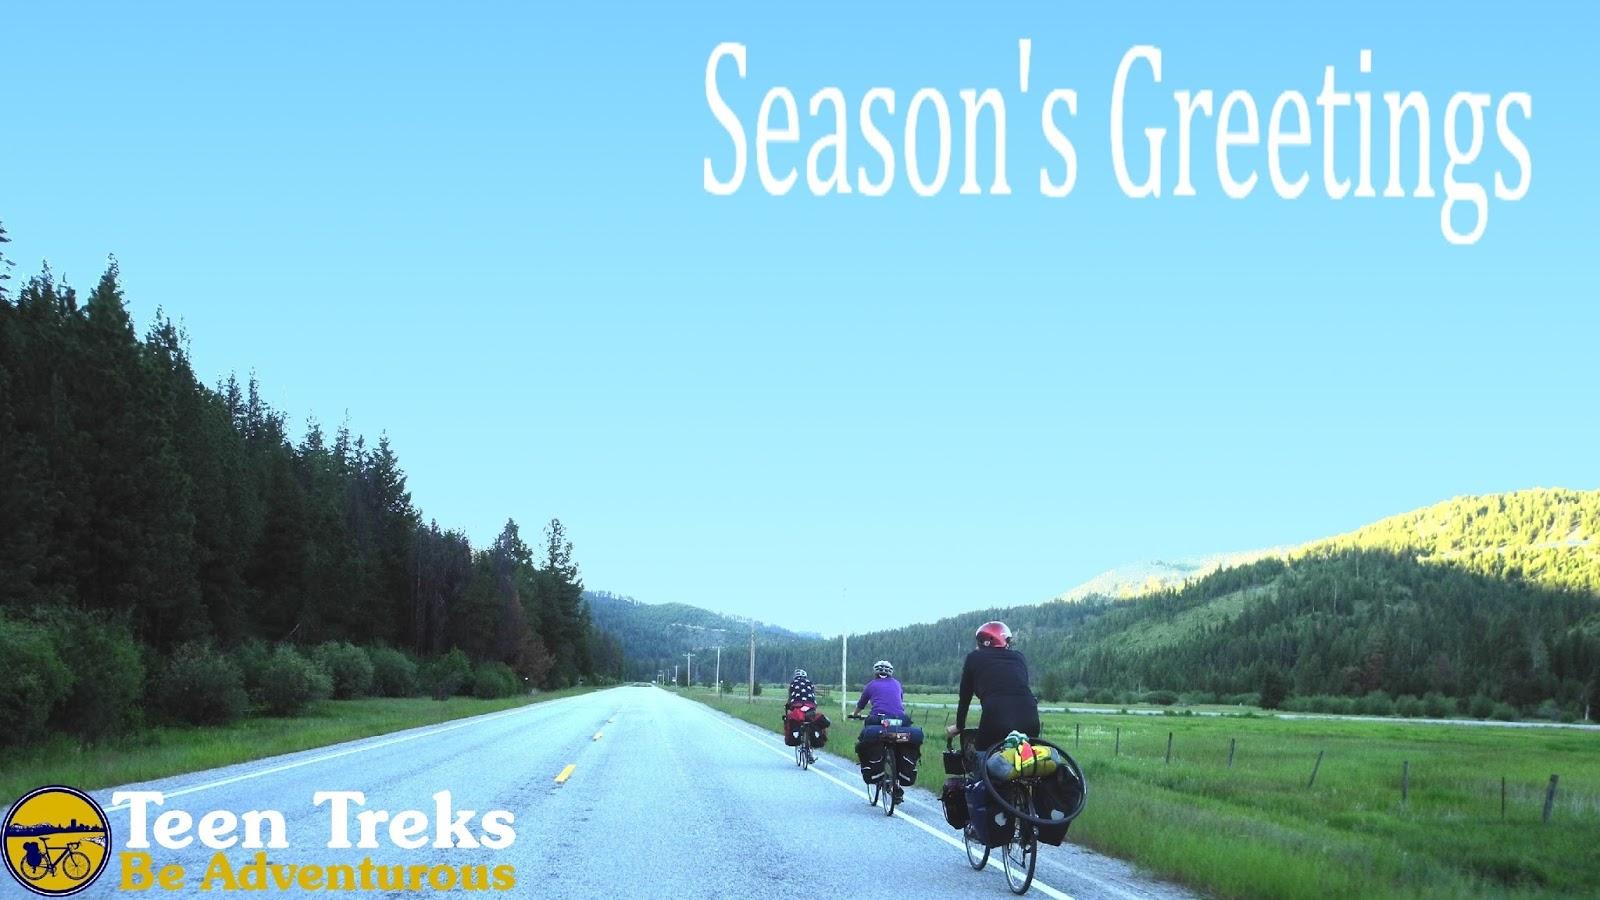 Teen Treks Seasons Greetings From The Teen Treks Team